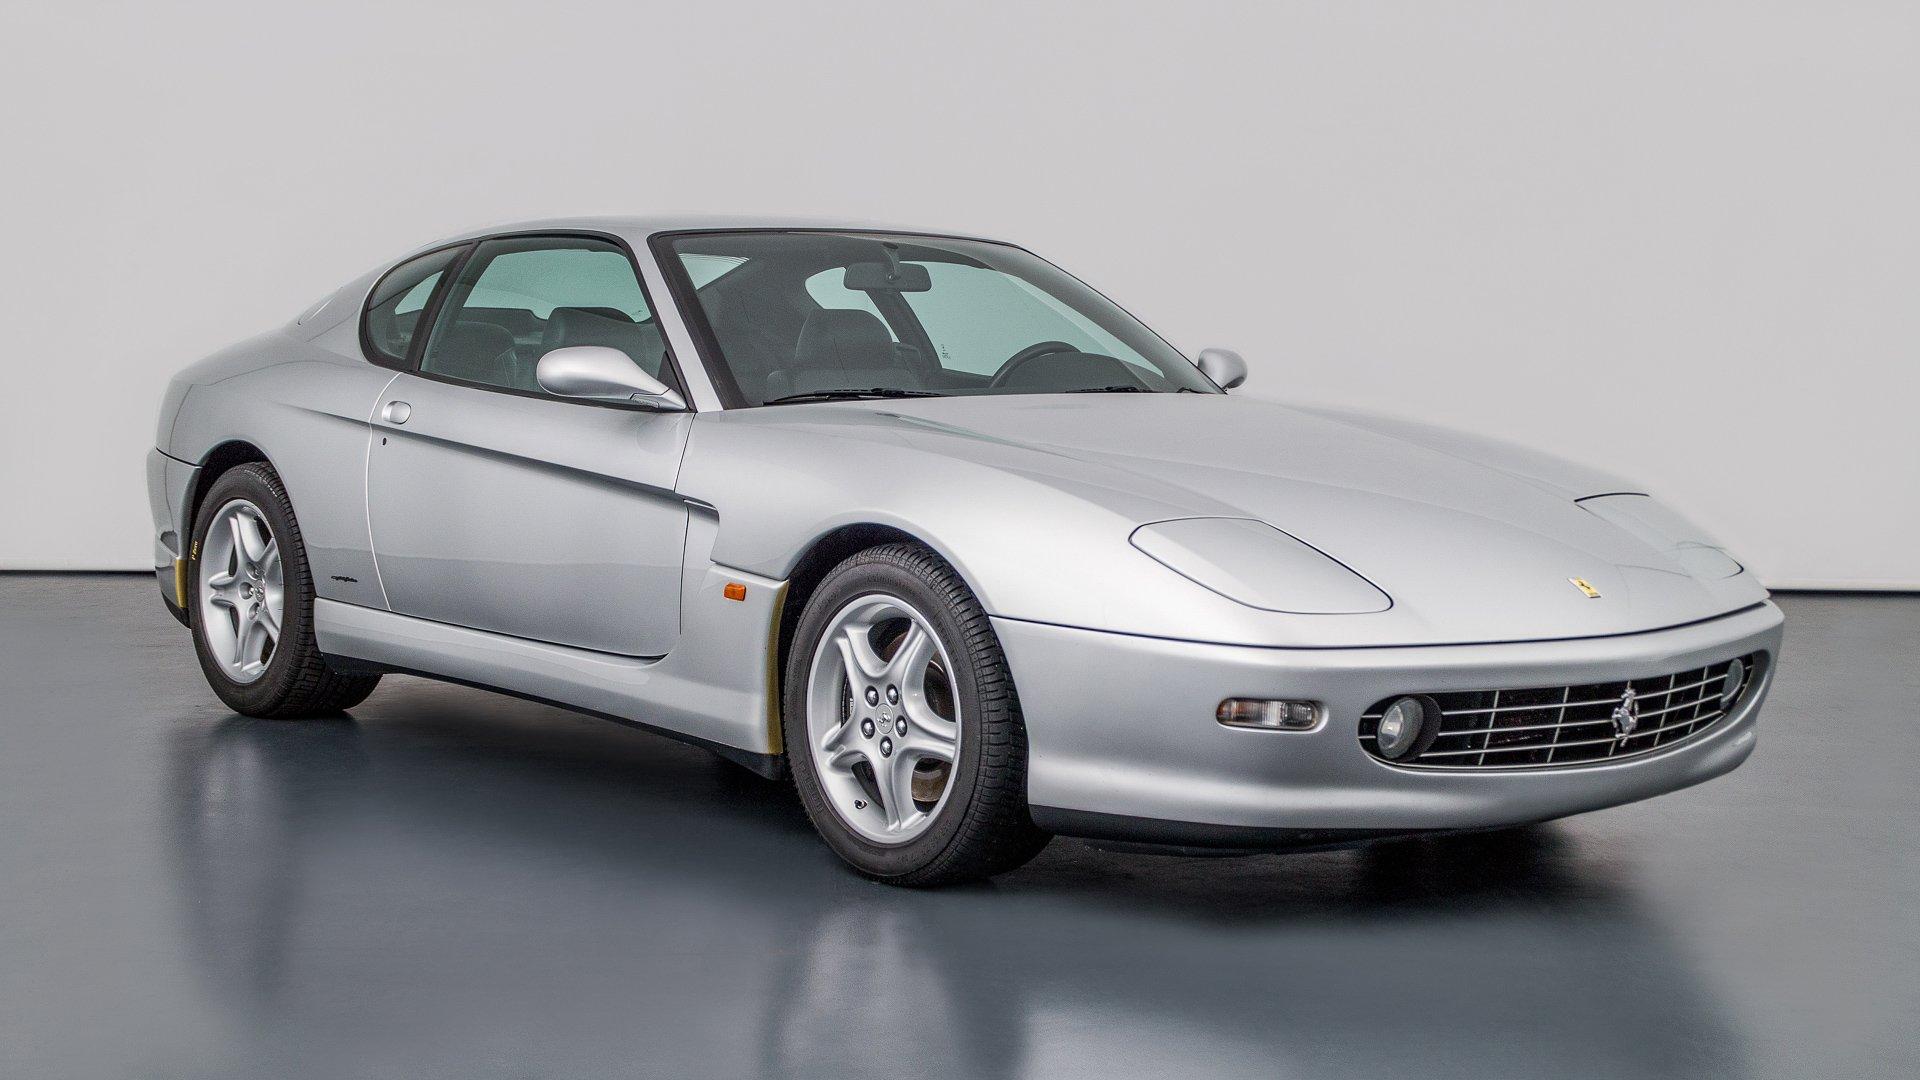 2000 Ferrari 456 M Gt Classic Driver Market